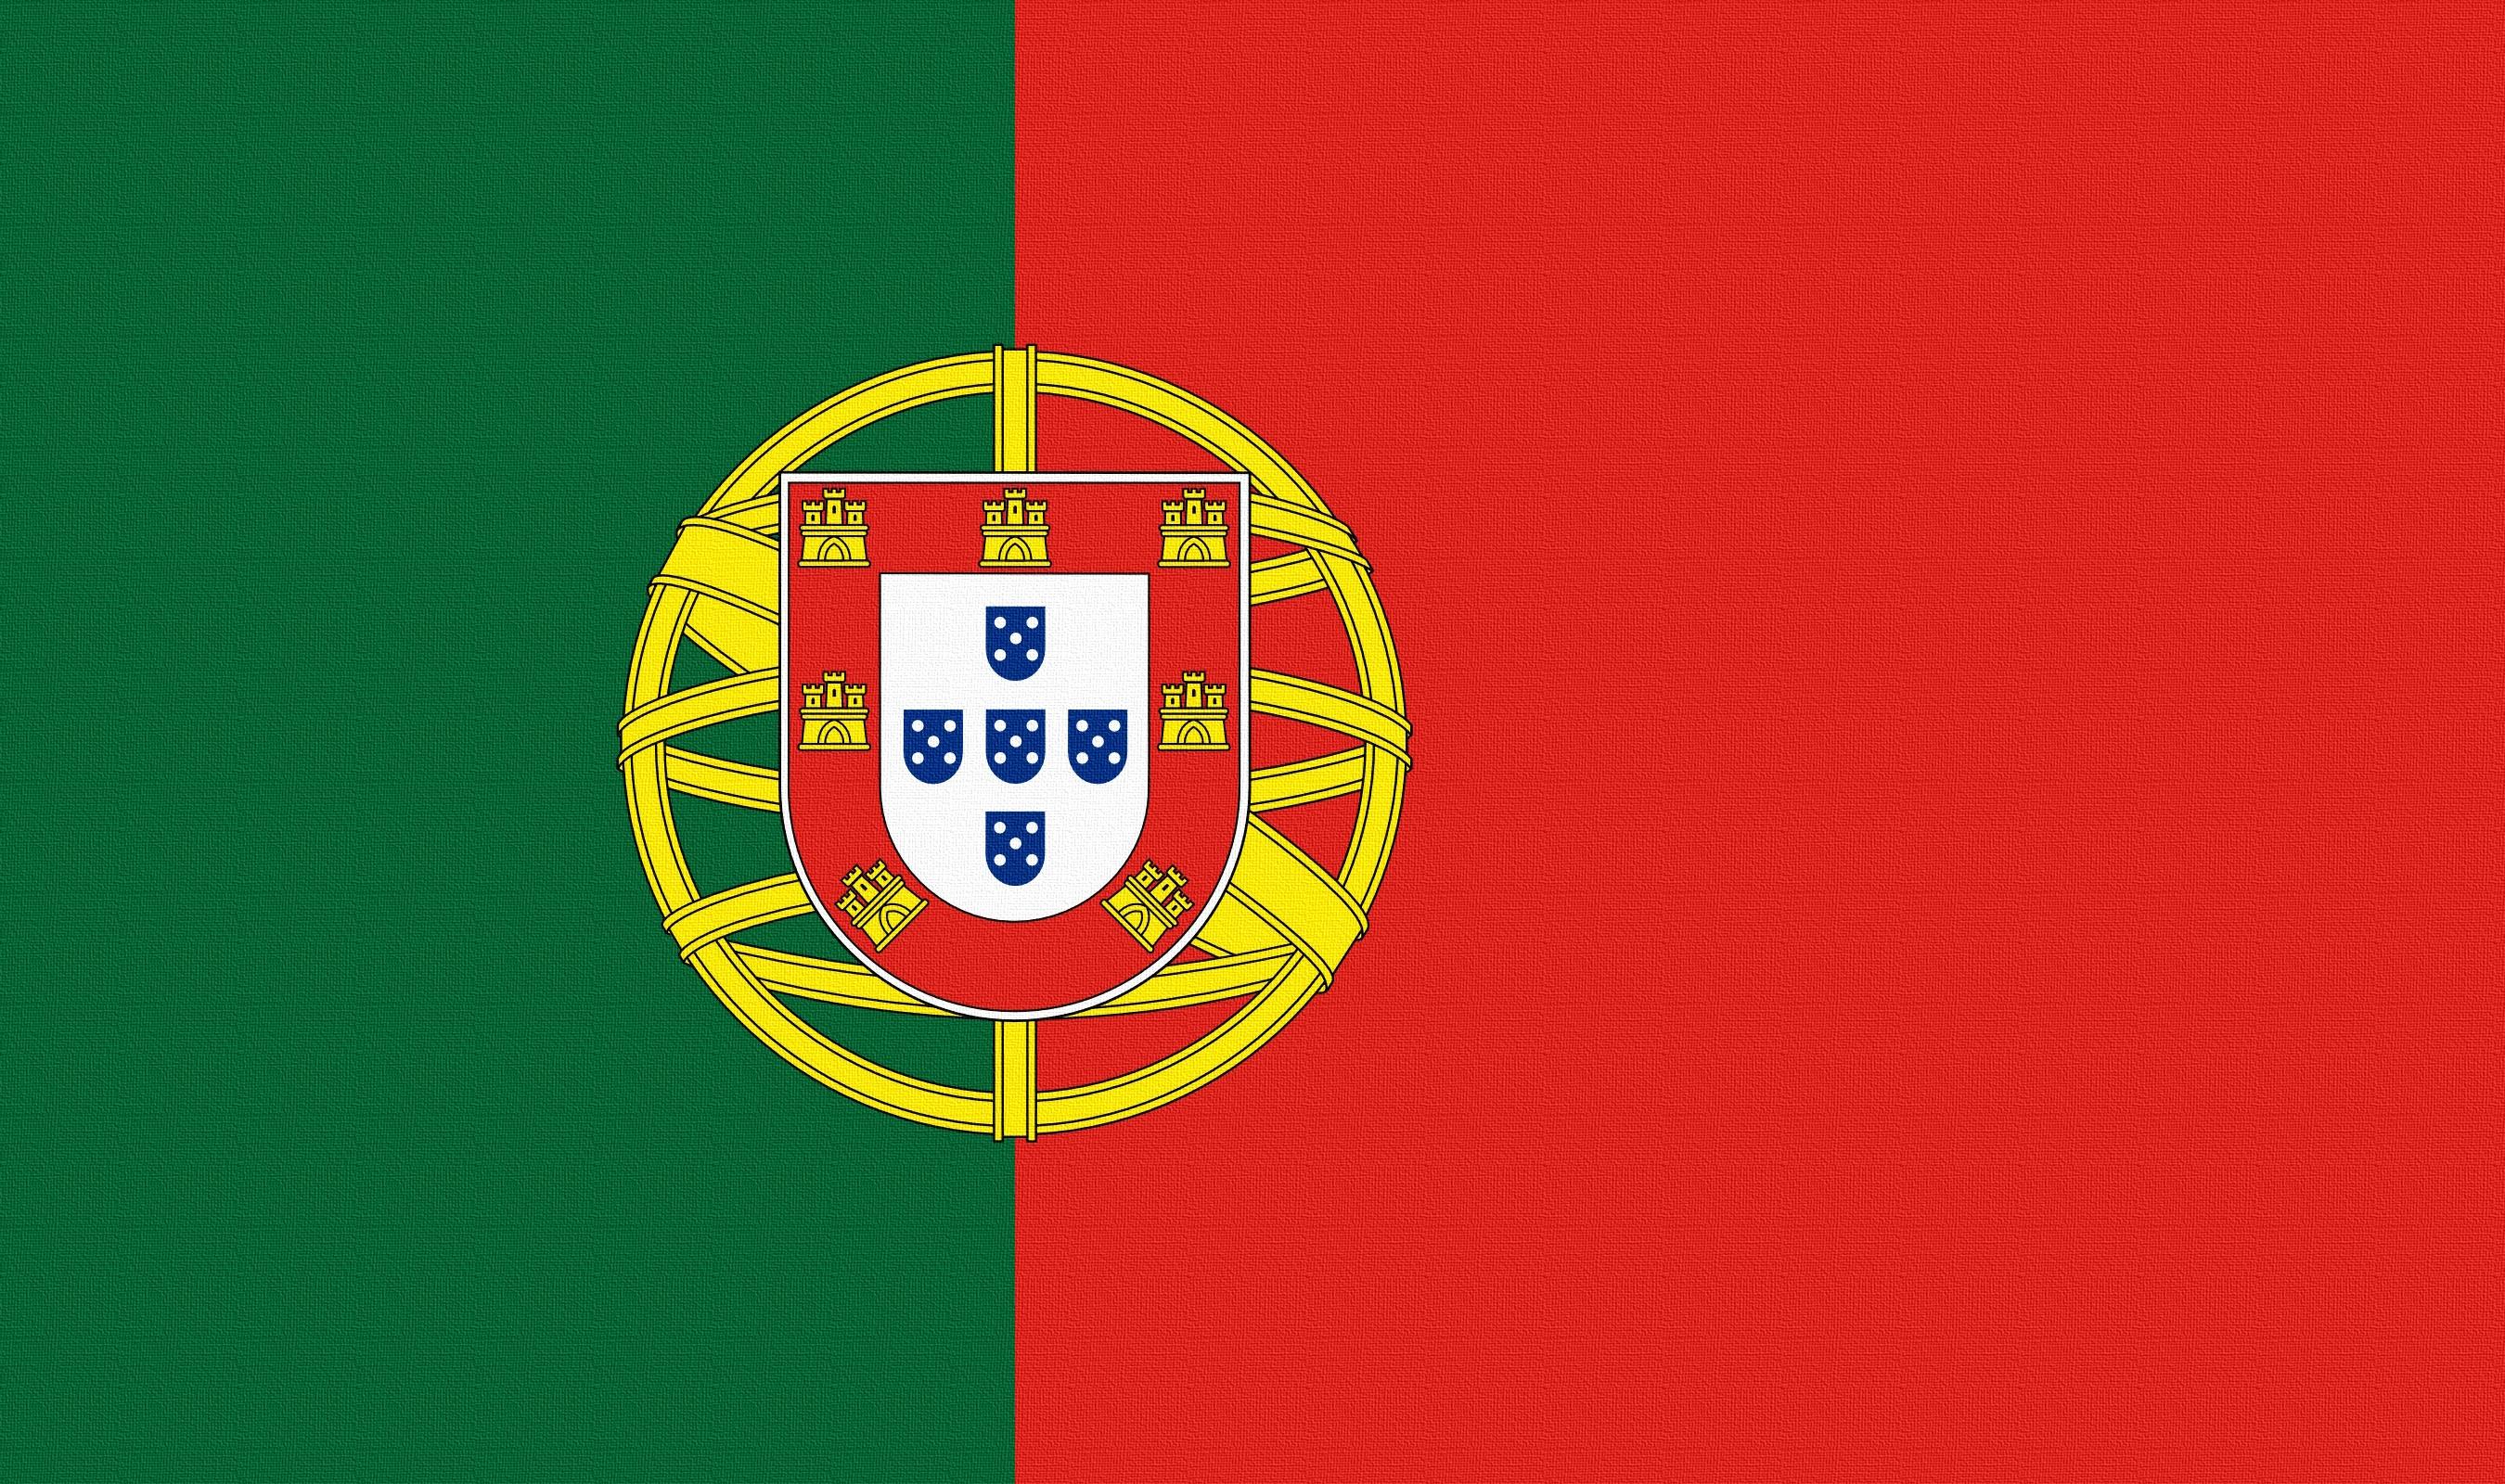 53873 Hintergrundbild herunterladen Wappen, Verschiedenes, Sonstige, Flagge, Flag, Portugal - Bildschirmschoner und Bilder kostenlos